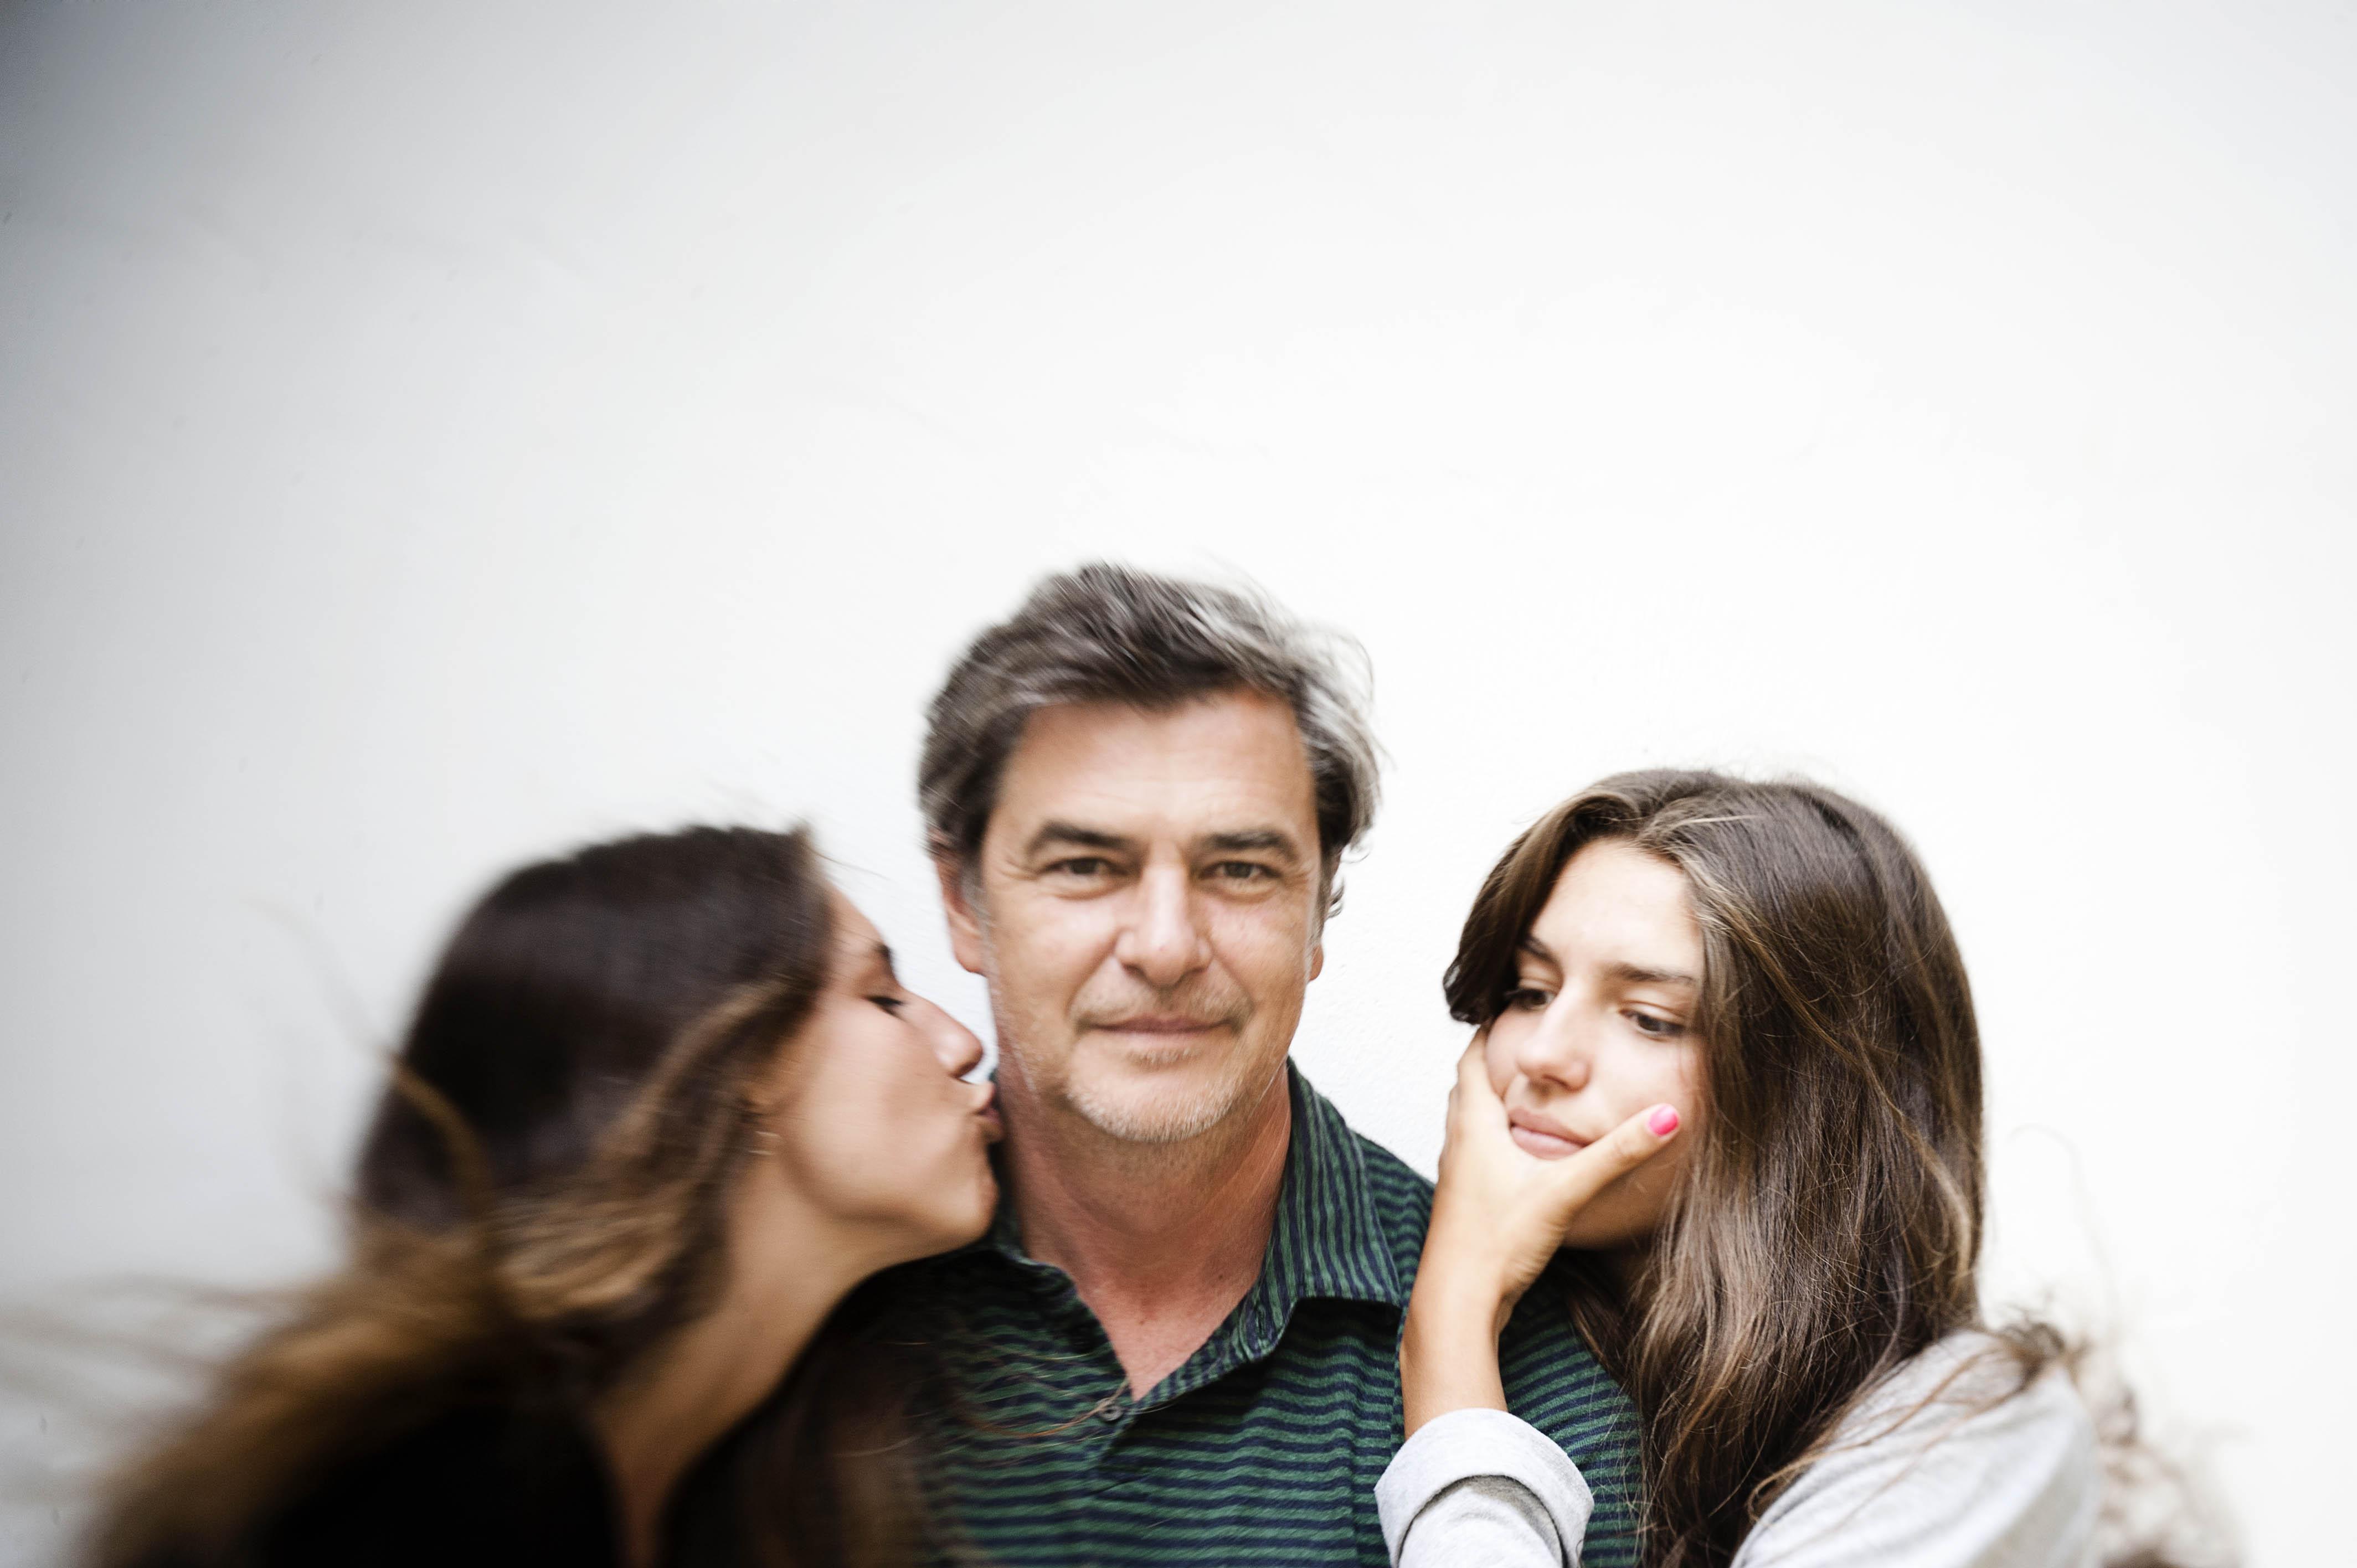 fotografia-viajes-boda-familia-niños